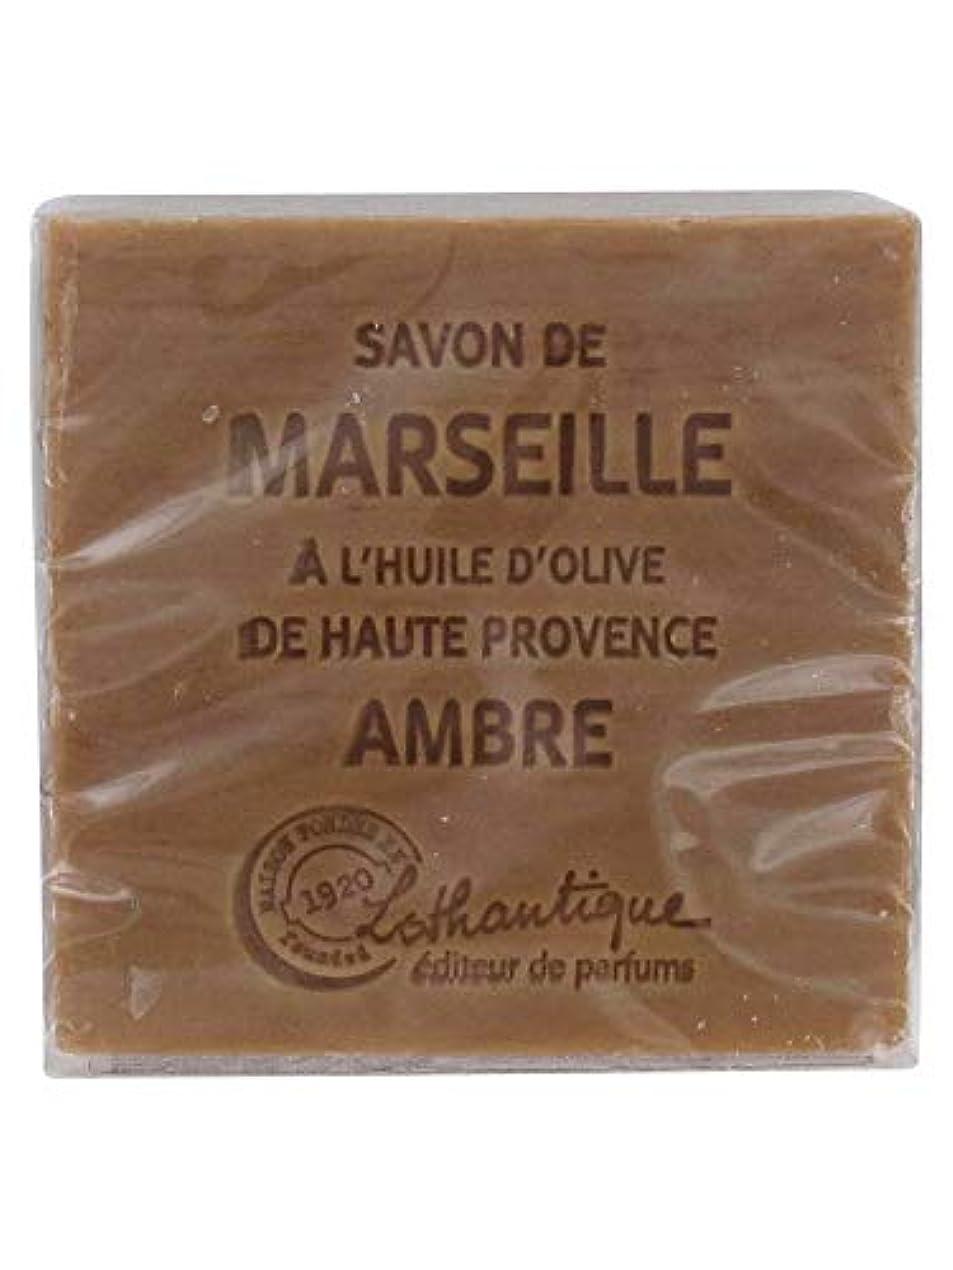 ワックスやりすぎにもかかわらずLothantique(ロタンティック) Les savons de Marseille(マルセイユソープ) マルセイユソープ 100g 「アンバー」 3420070038012